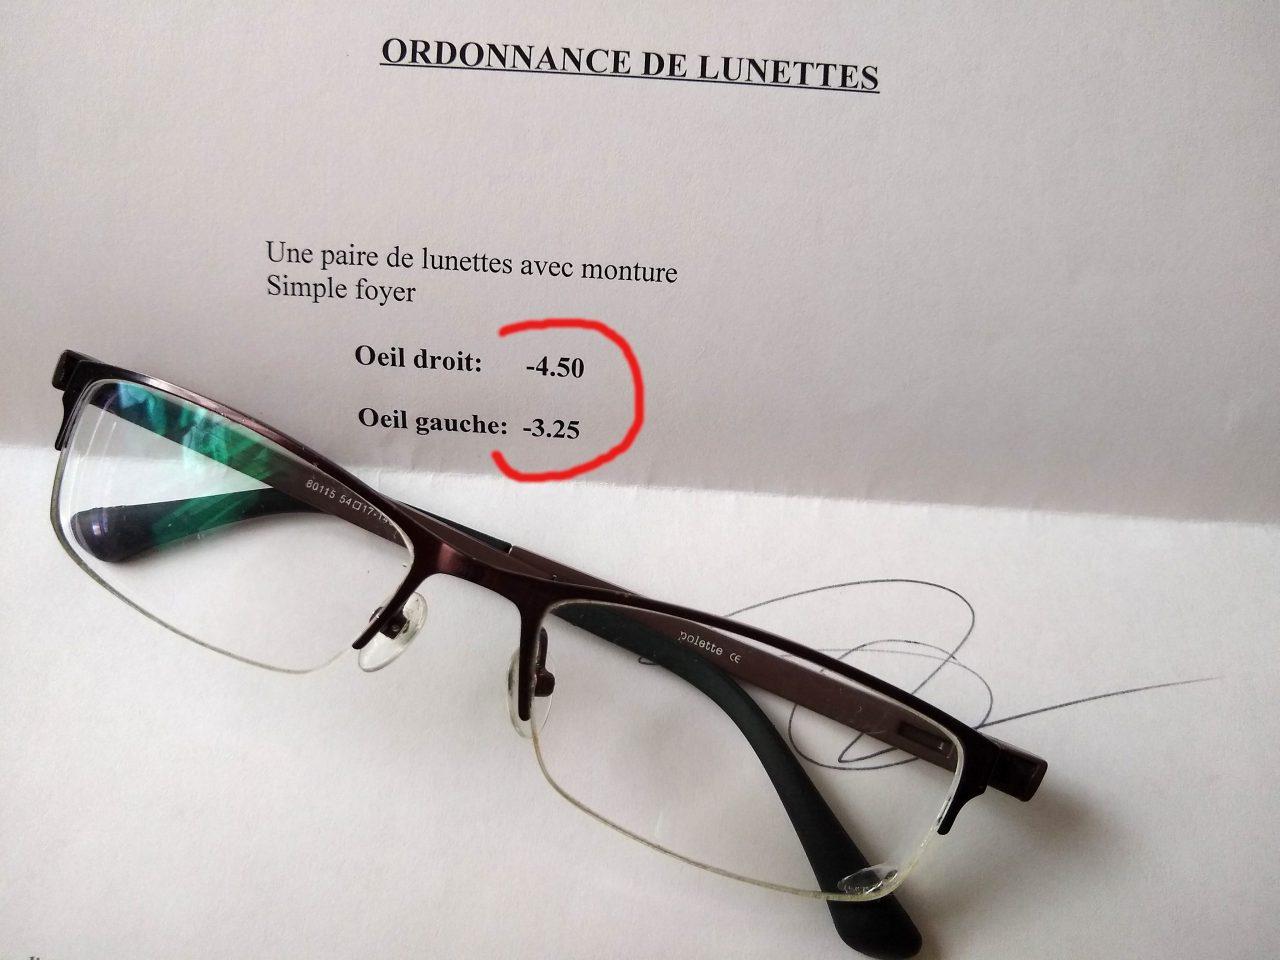 ordonnance lunettes